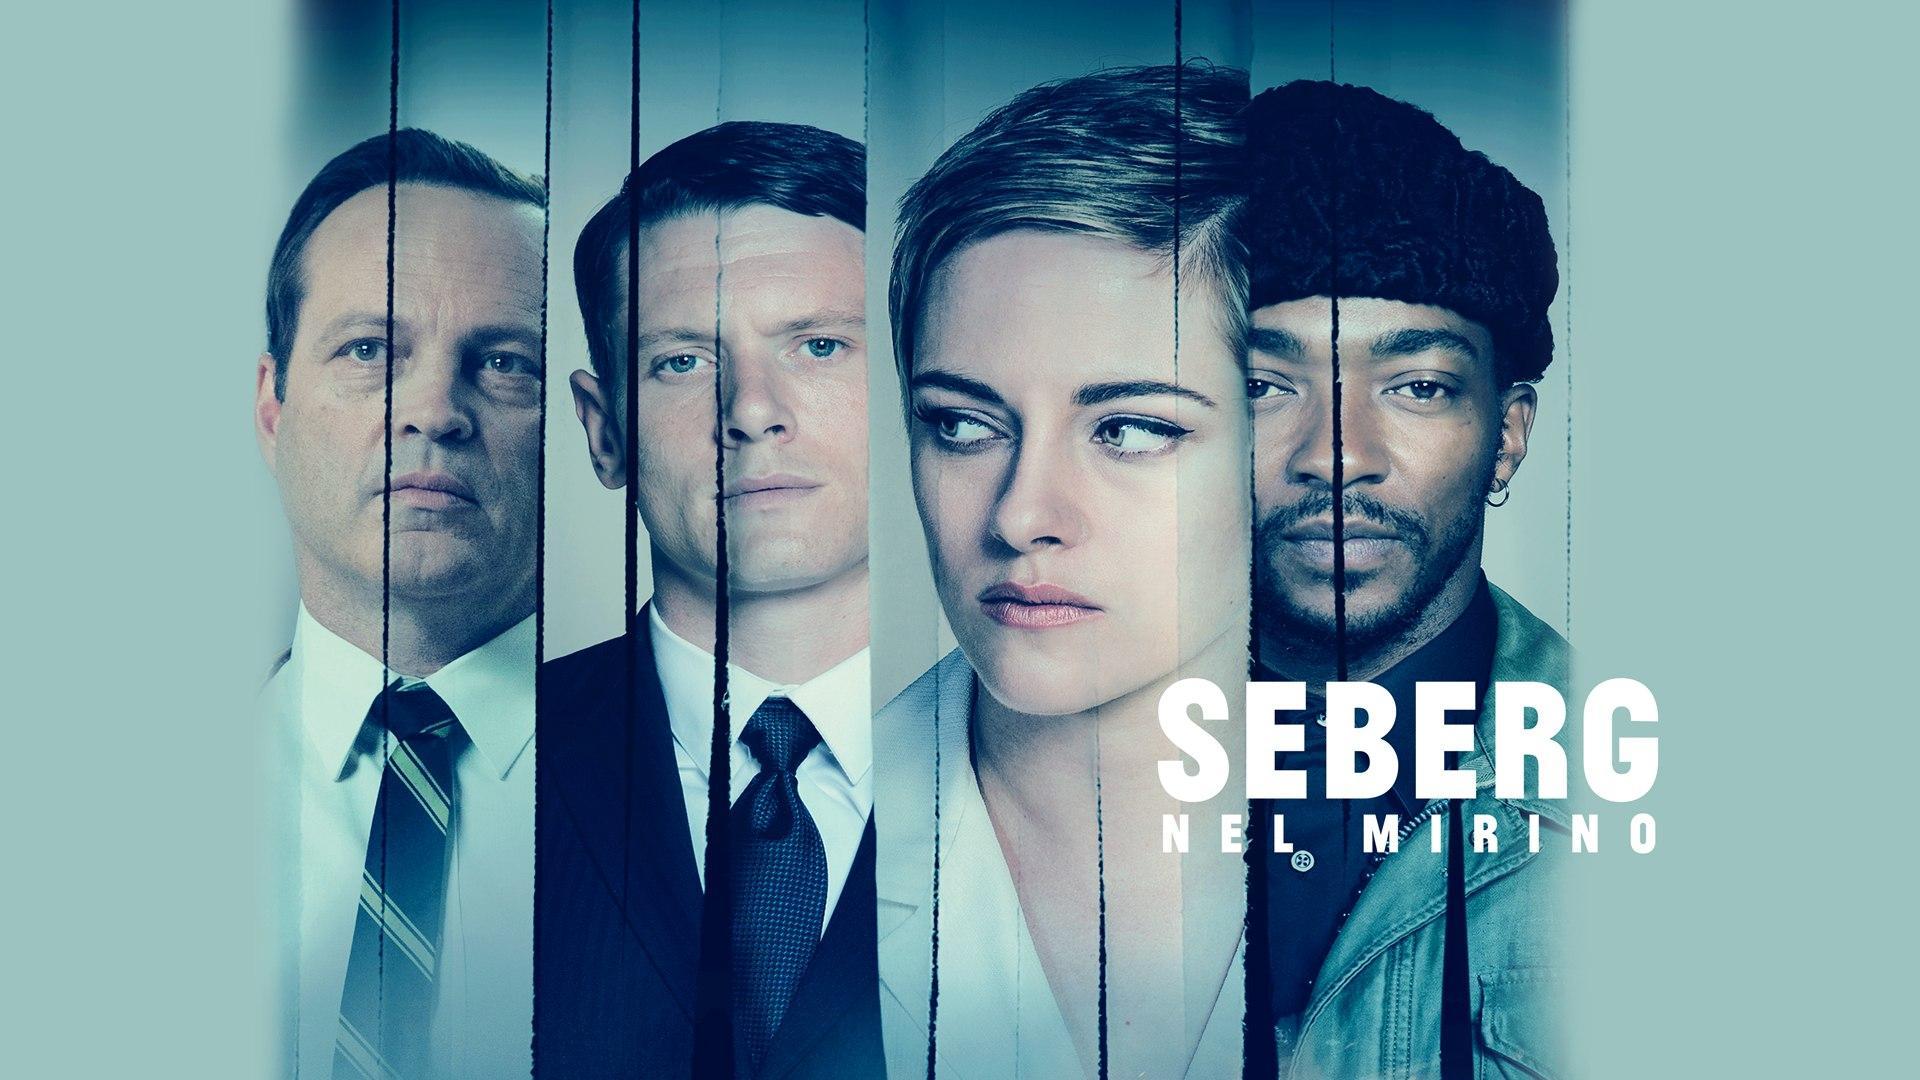 Martedi 25 Agosto 2020 Sky Cinema HD, Seberg - Nel mirino